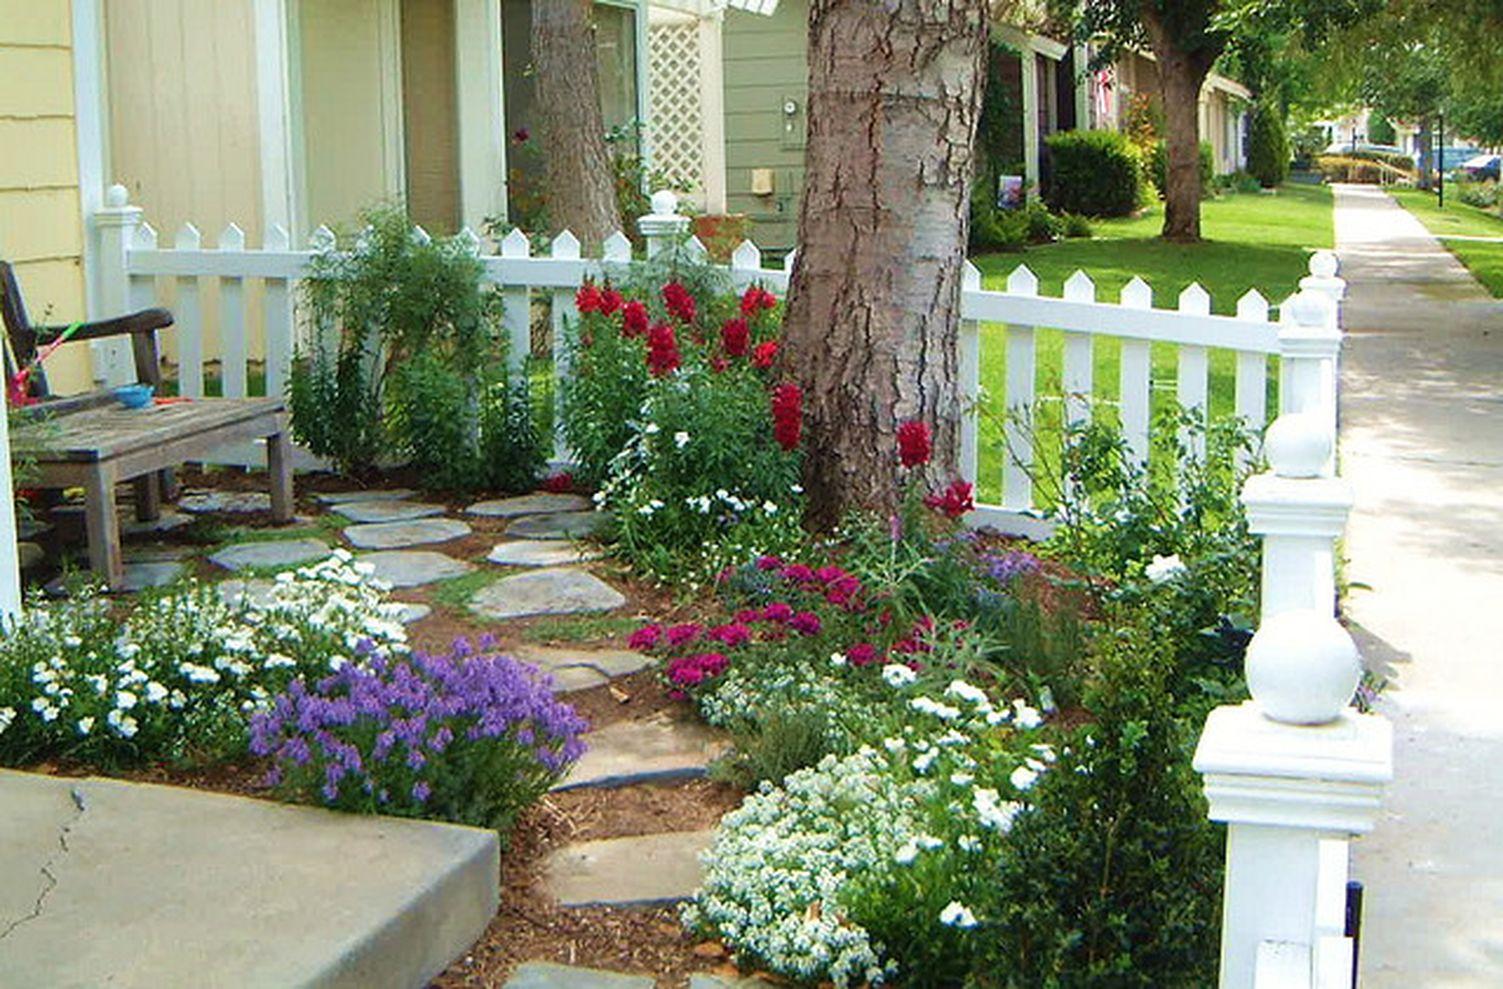 Cute and simple tiny patio garden ideas 70